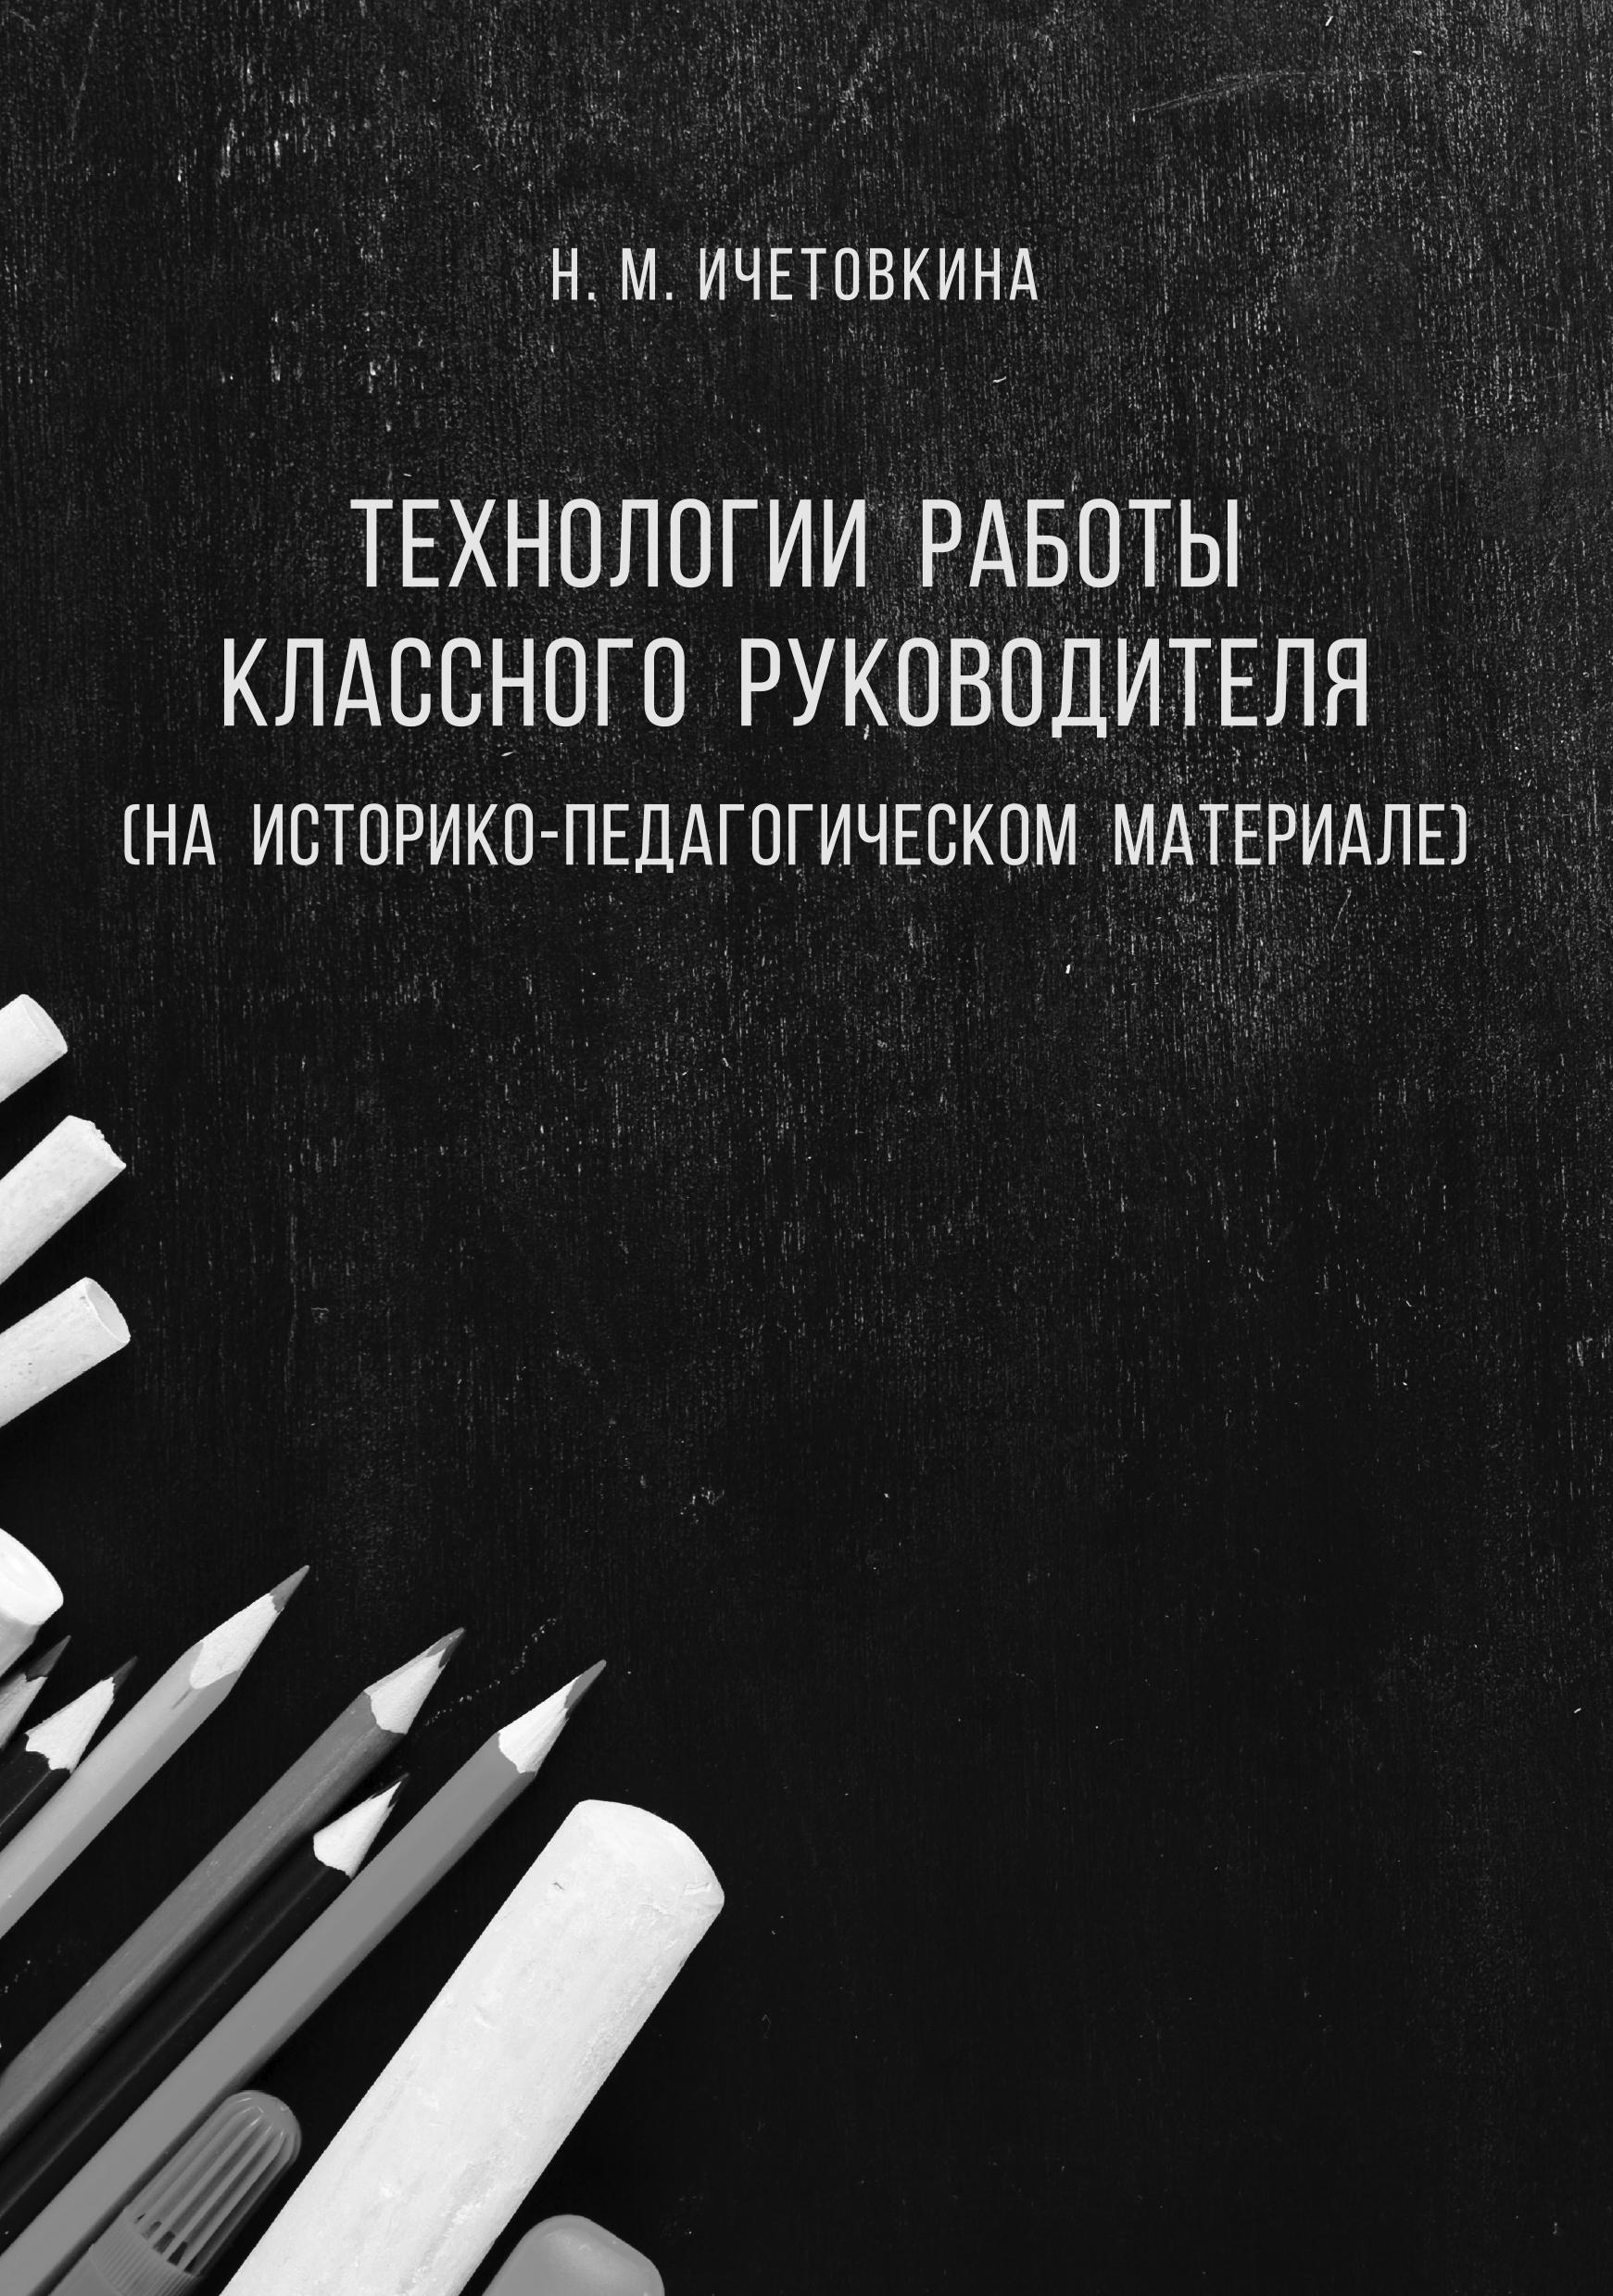 Надежда Ичетовкина Технологии работы классного руководителя (на историко-педагогическом материале) стоимость